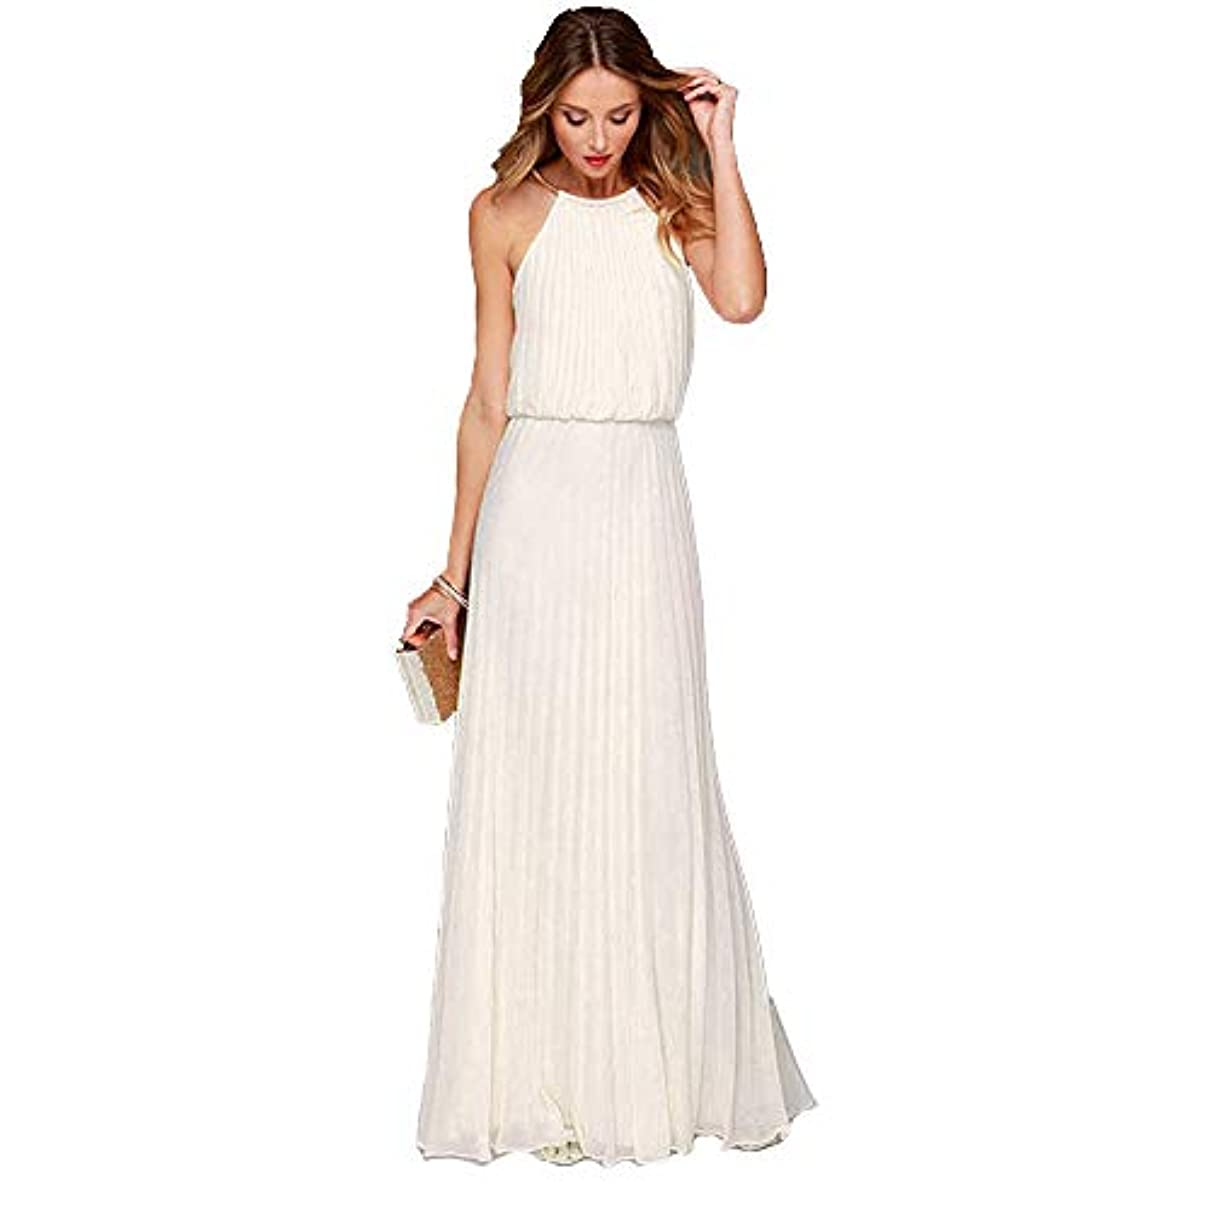 輝くなくなる冊子MIFANロングドレス、セクシーなドレス、エレガント、女性のファッション、ノースリーブのドレス、ファッションドレス、ニット、スリム